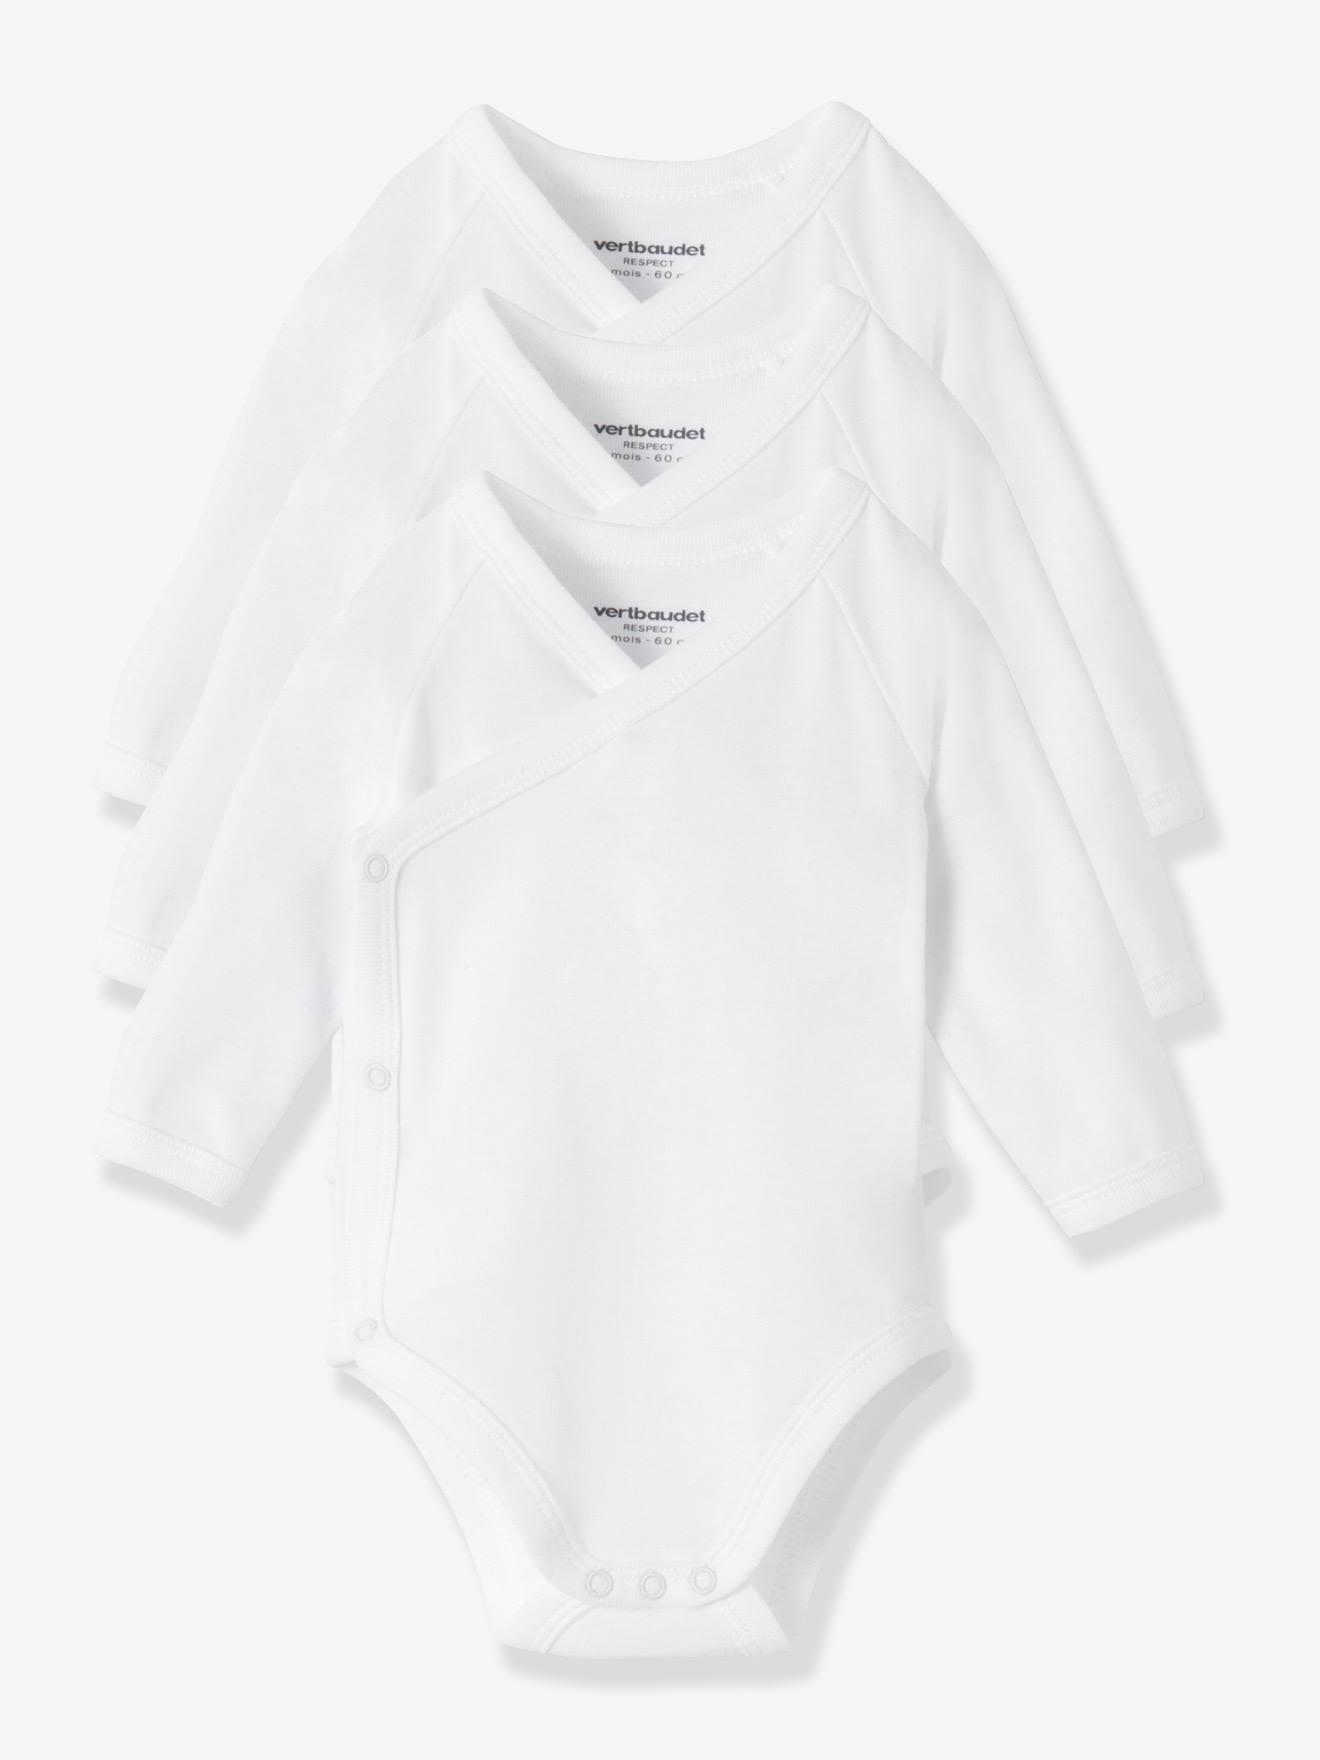 SOLDES - Lot de 3 bodies naissance Bio Collection blanc manches longues blanc vertbaudet